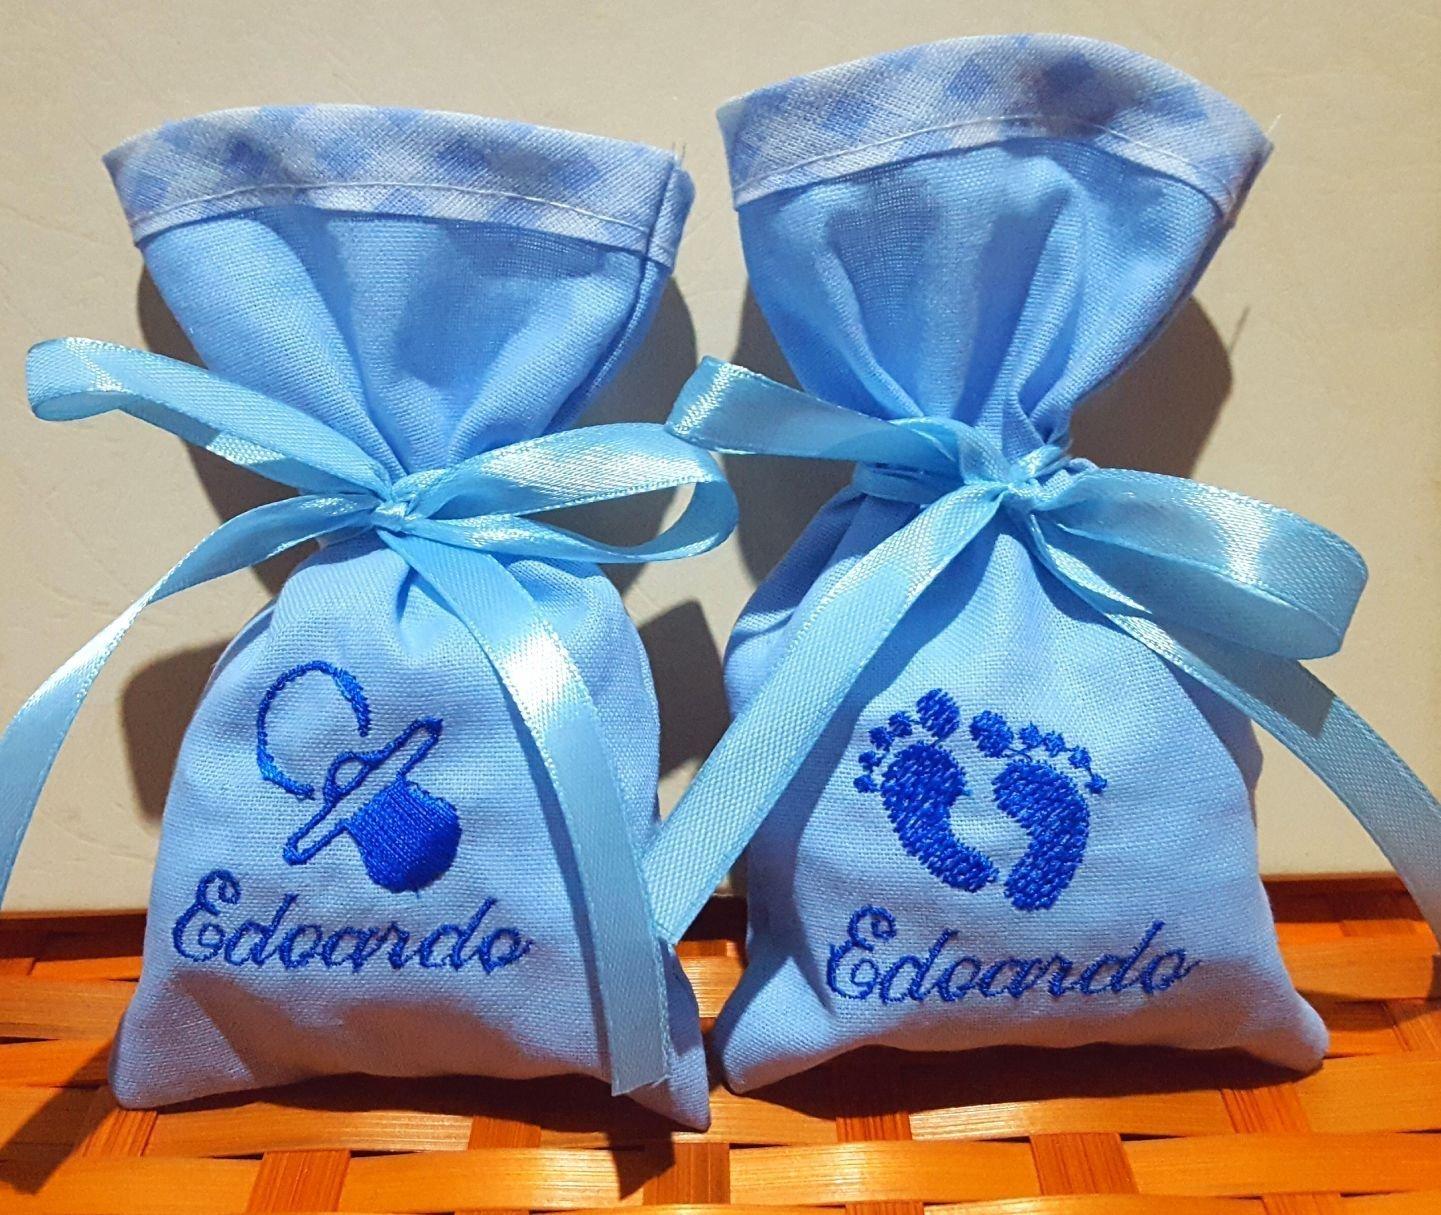 Crociedelizie, Stock 40 sacchetti bomboniere portaconfetti azzurro con ricamo in blu del nome bimbo + piccolo ricamo ciuccio piedini orsetto cicogna nascita battesimo